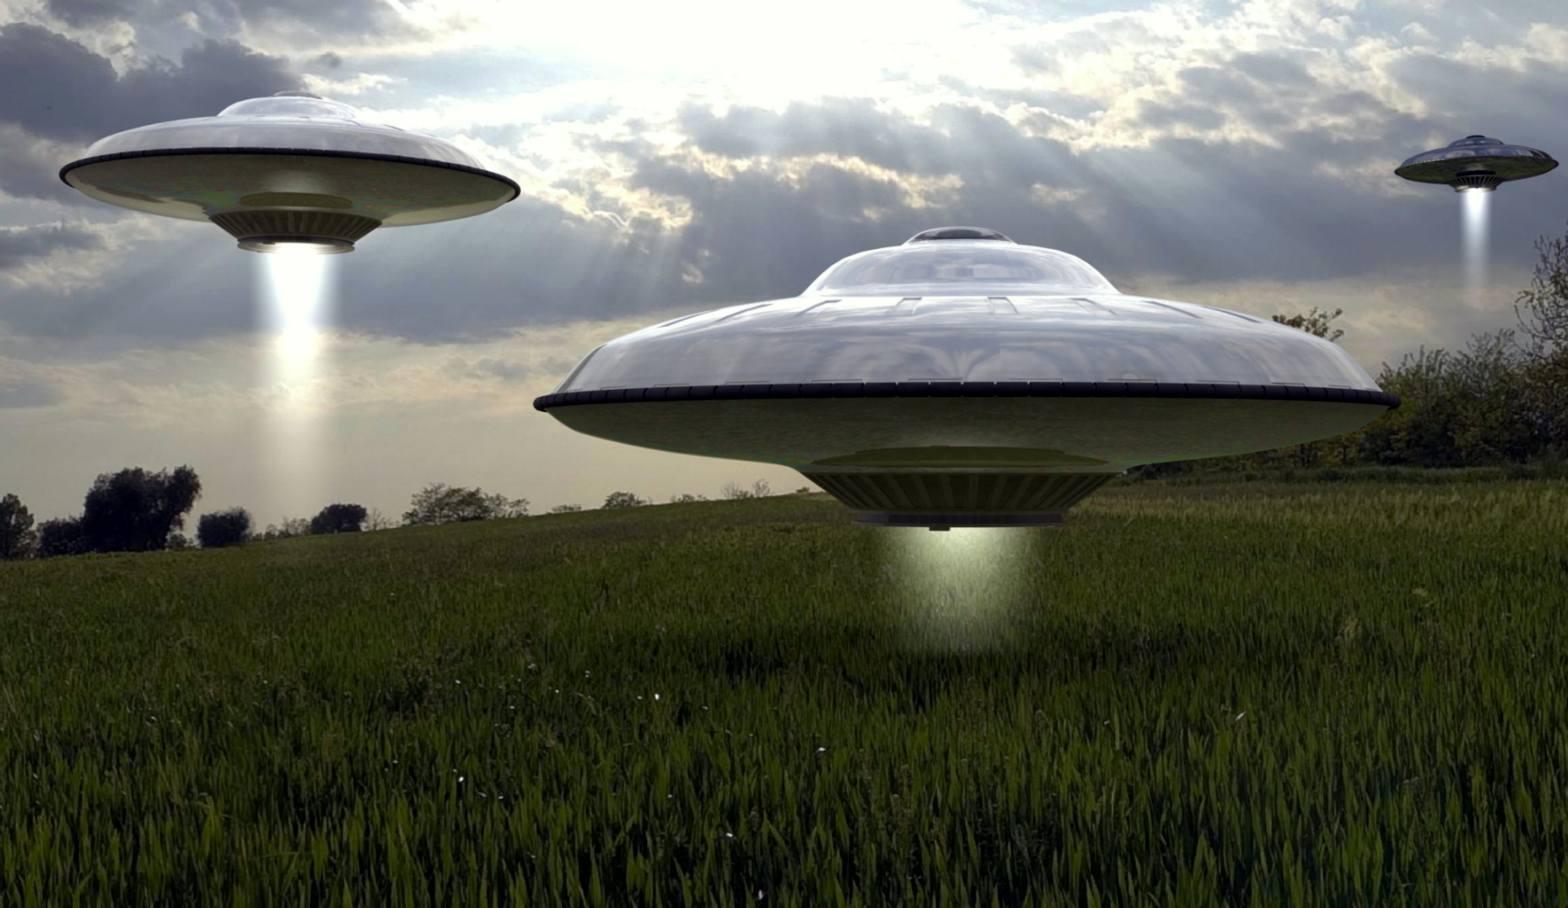 дом инопланетян картинки свободного пространства